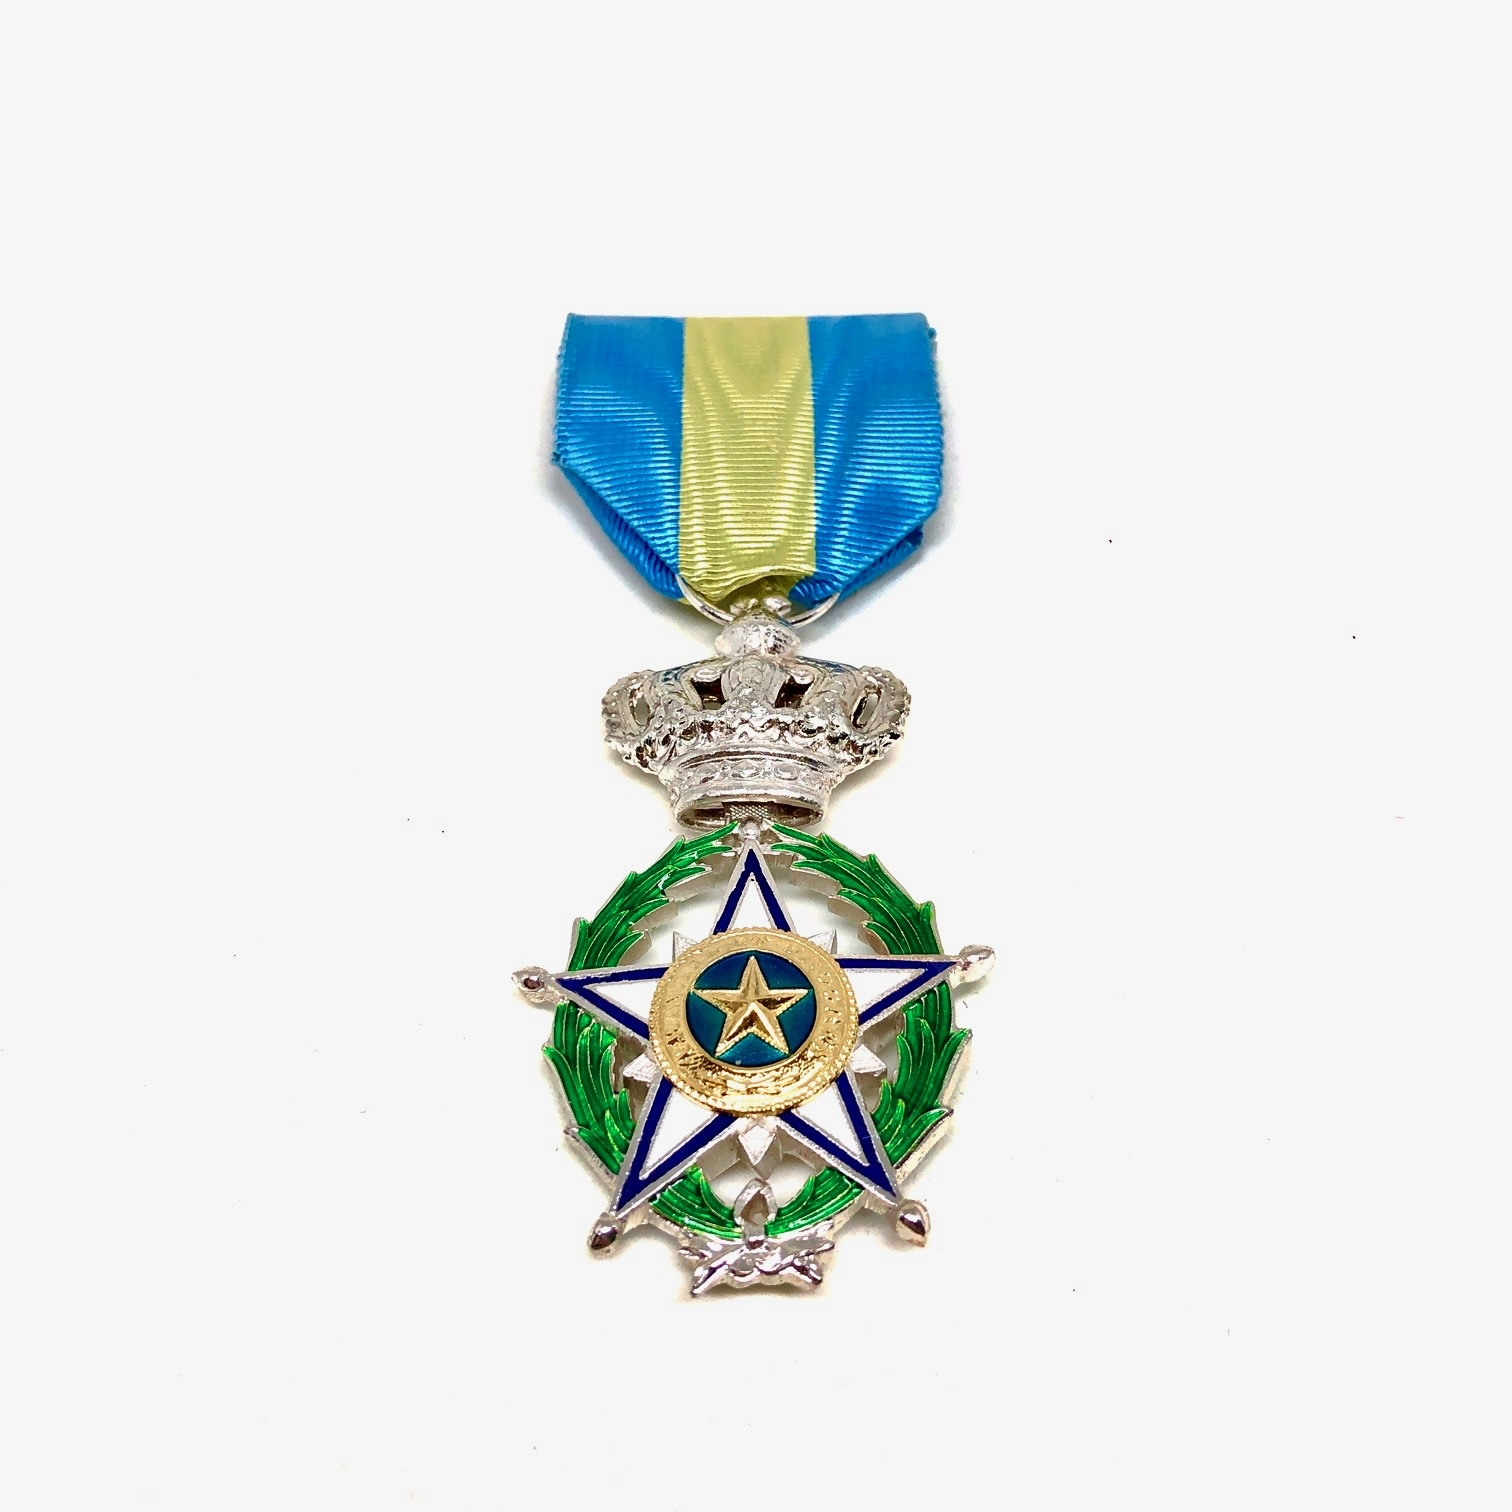 Chevalier de l'Ordre de l'Étoile Africaine